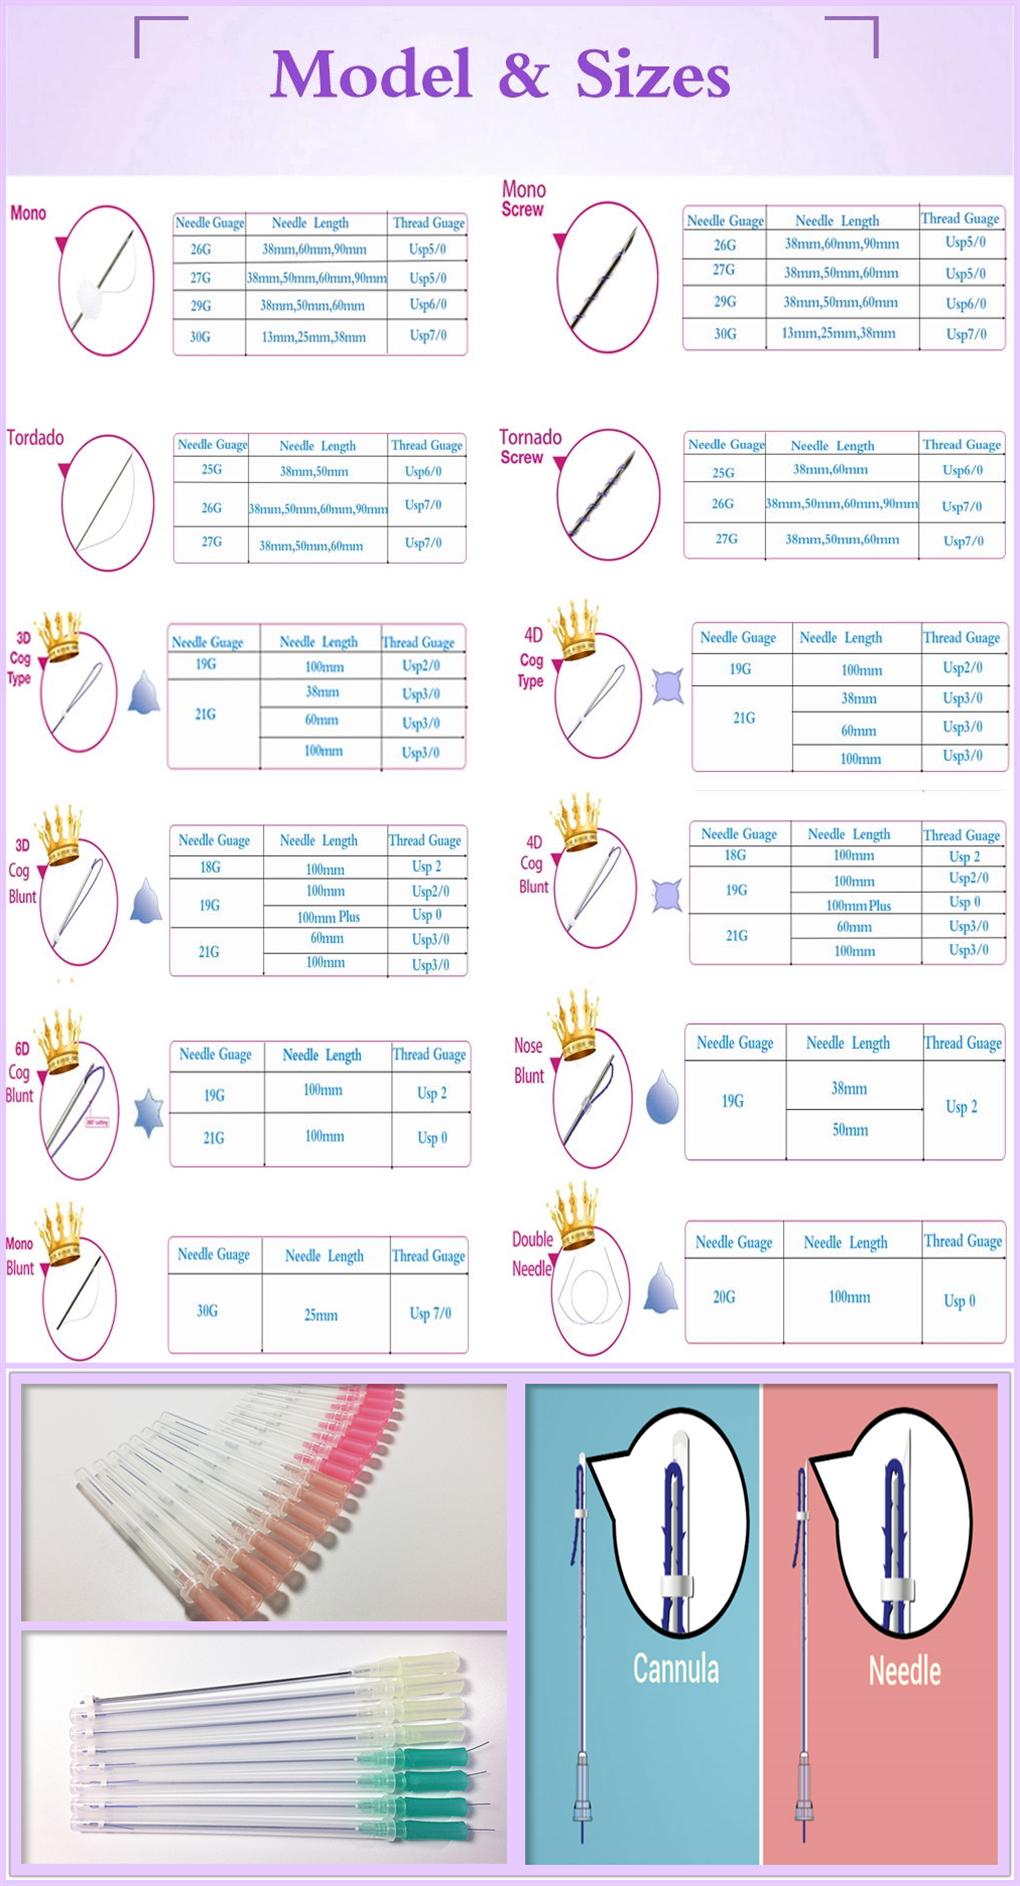 ベストセラー製品 2020 ホット CE 韓国 PDO 顔スレッドリフト糸製品 21g100mm L 鈍 4D Cog